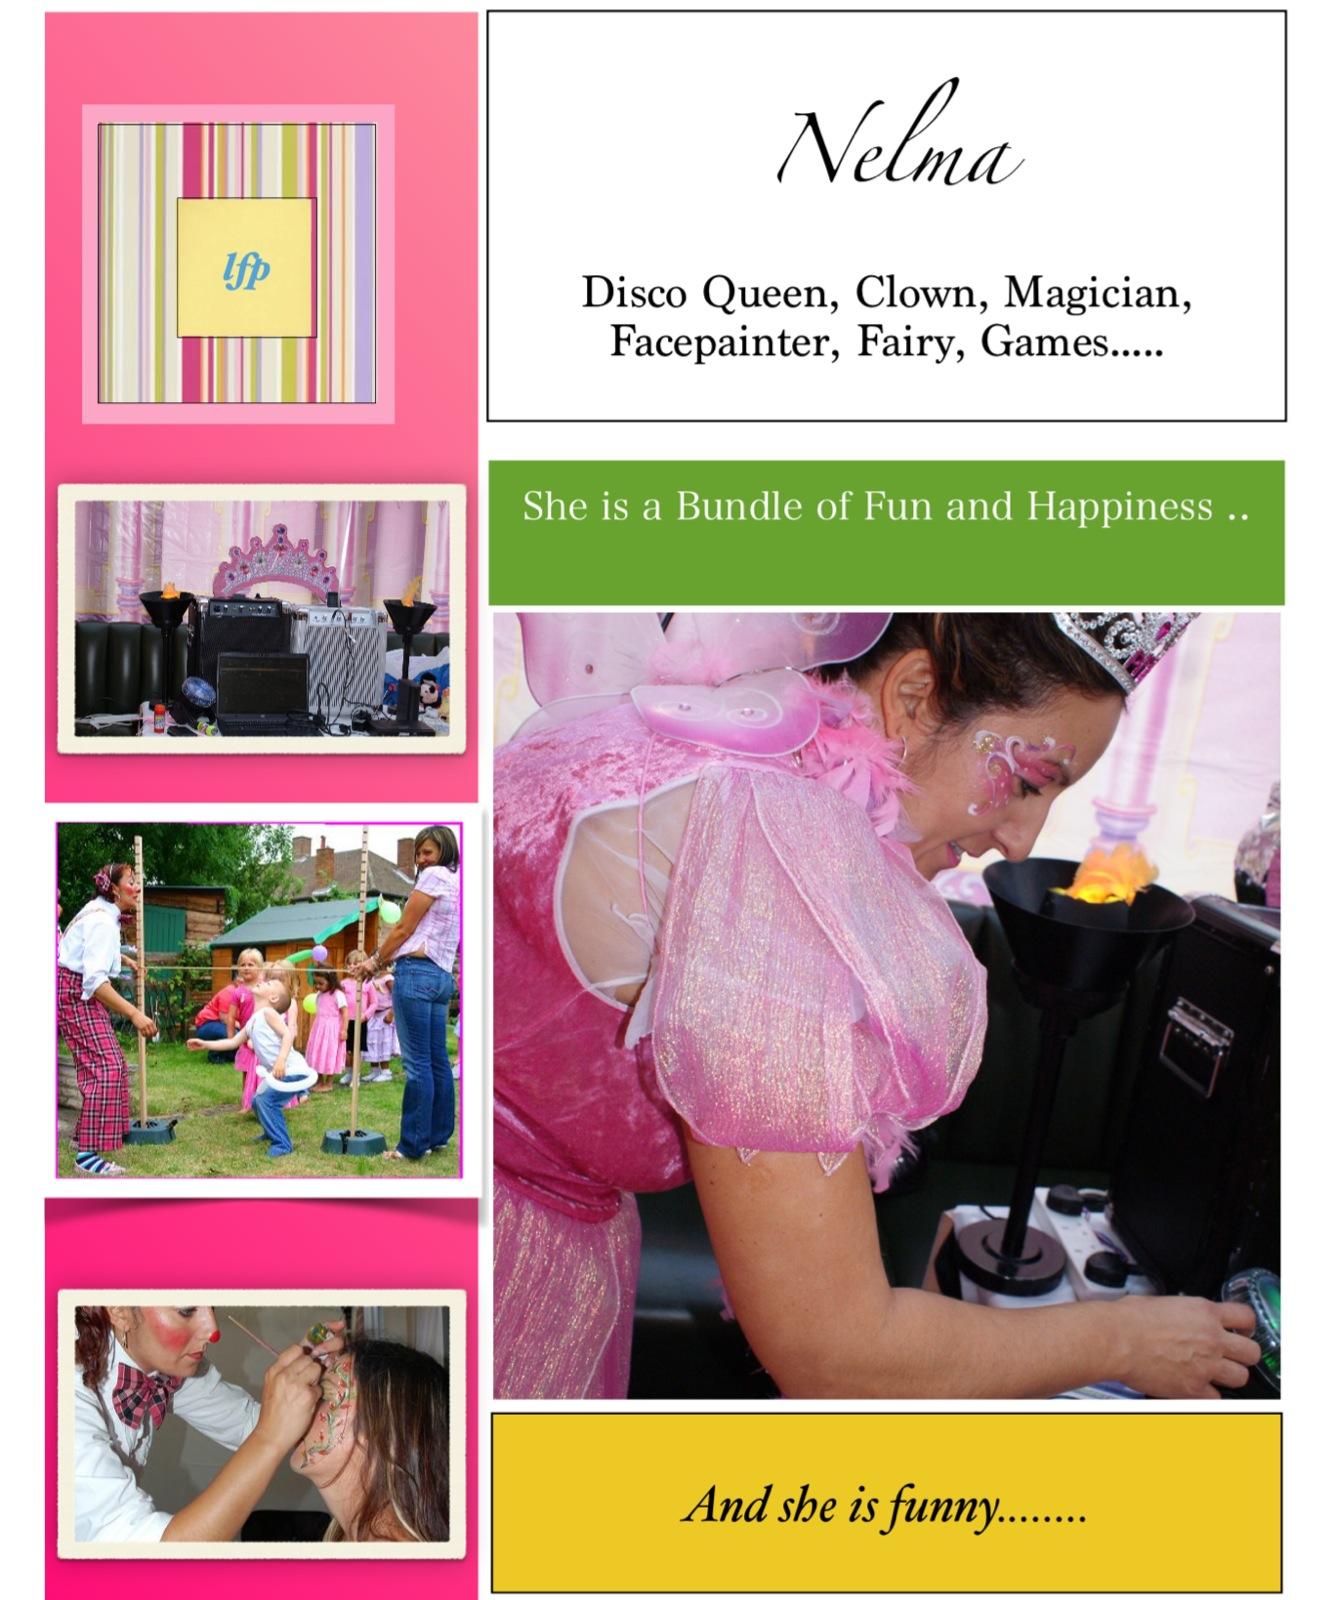 Nelma, children's party entertainer.